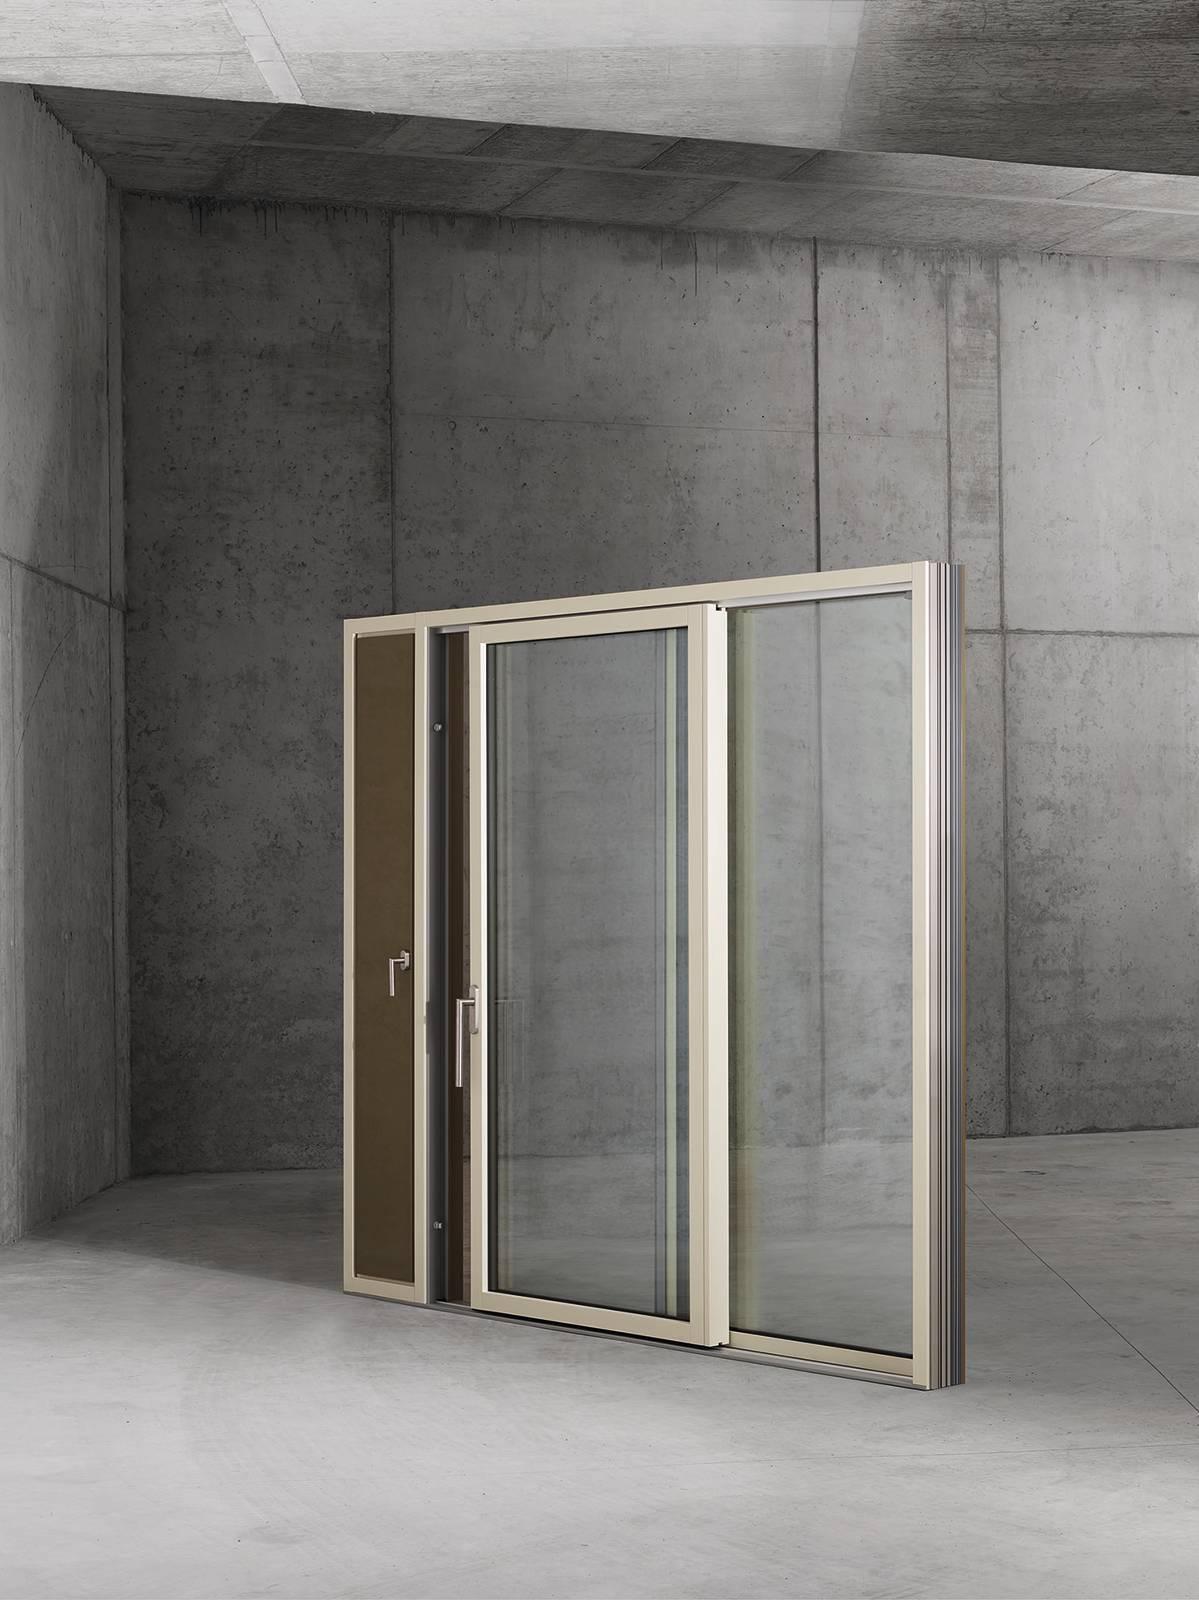 Serramenti Pvc O Alluminio Opinioni serramenti, quale materiale? legno, alluminio, pvc e